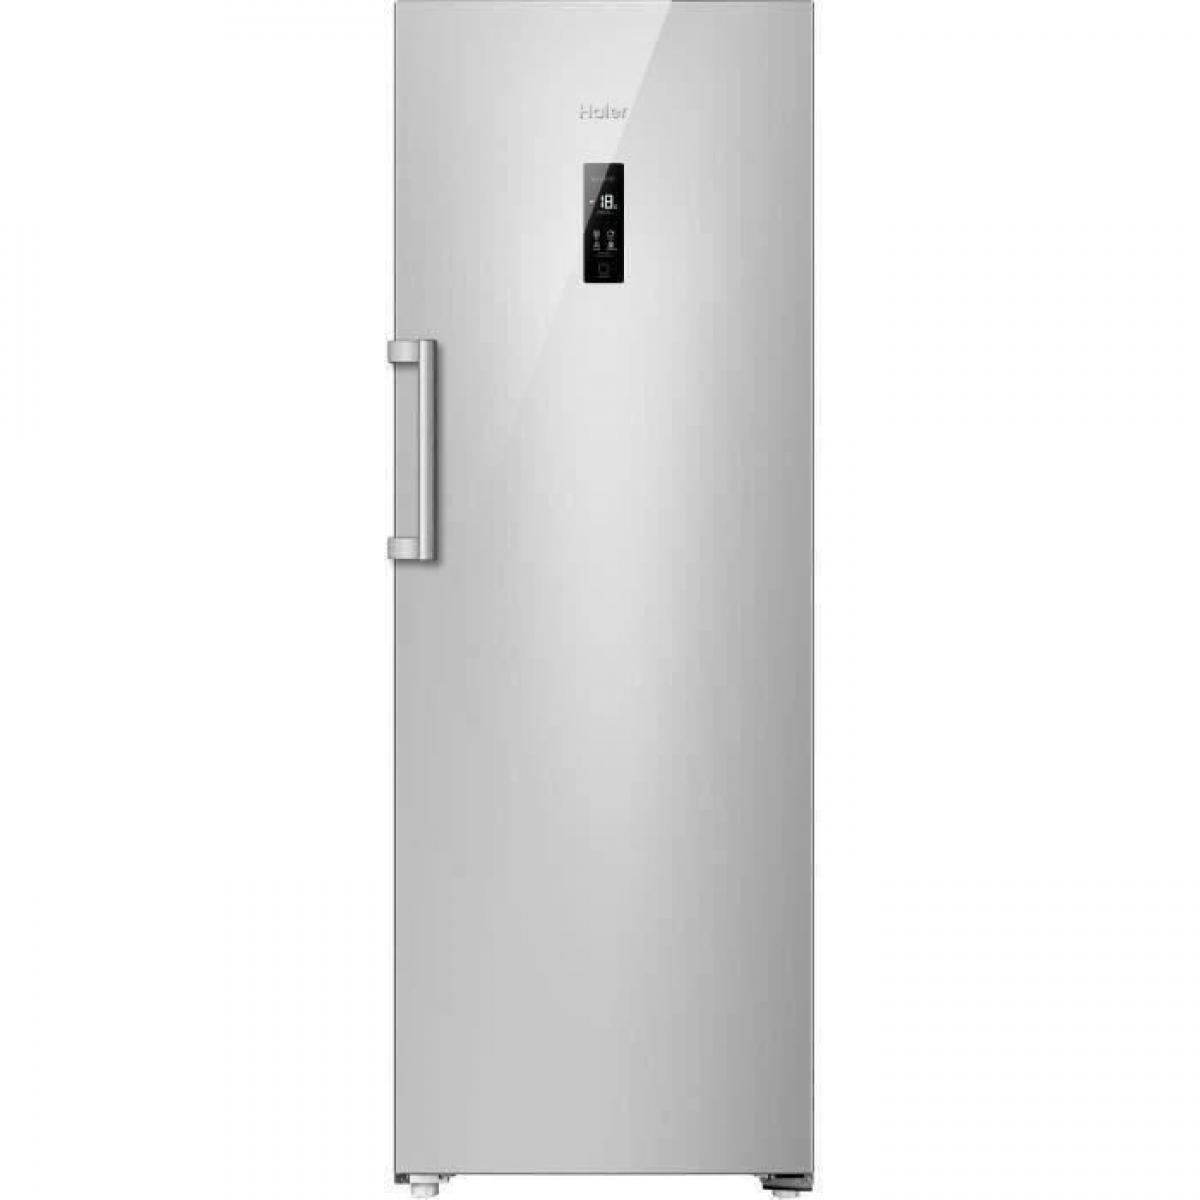 Haier HAIER H2F-220SF - Congélateur armoire - 226L - Froid No Frost - L60 x H167,1 cm - Silver